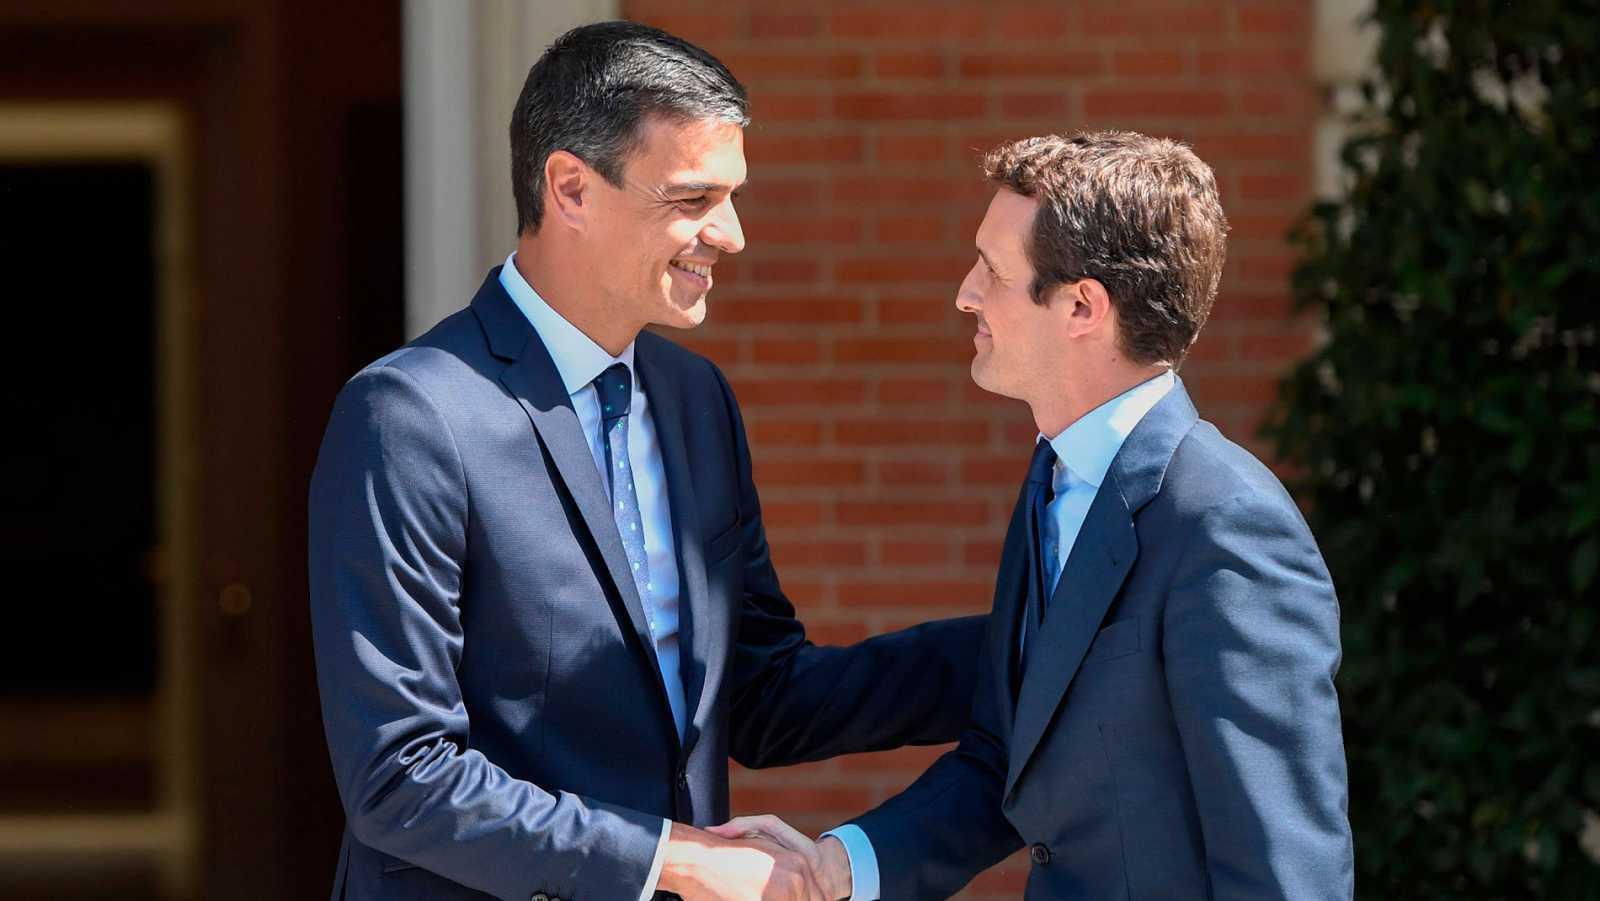 El presidente del Gobierno, Pedro Sánchez, y el líder del PP, Pablo Casado, en una imagen de archivo.